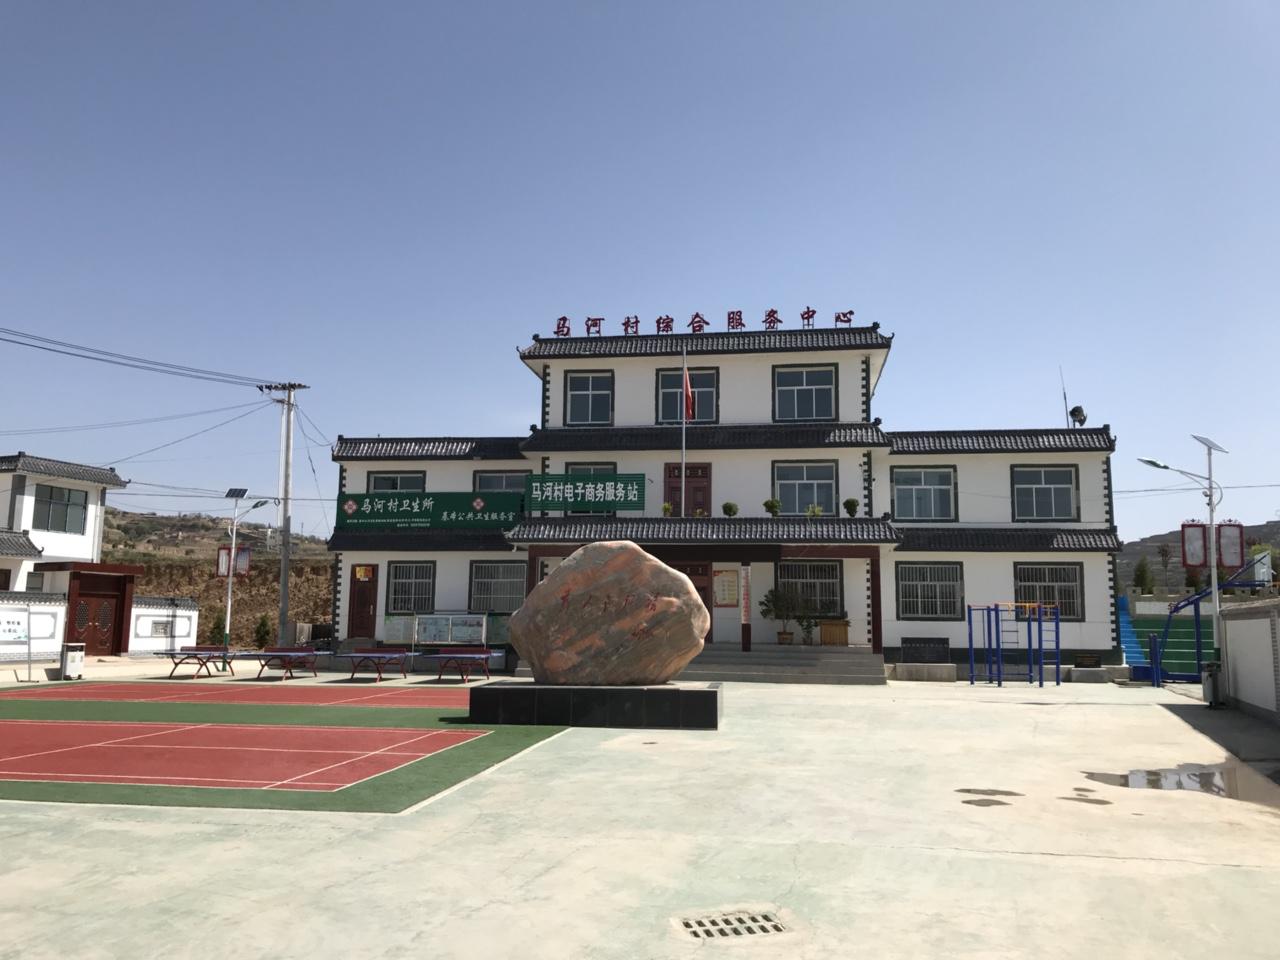 【文化惠民】龙山镇马河村综合文化服务中心风采